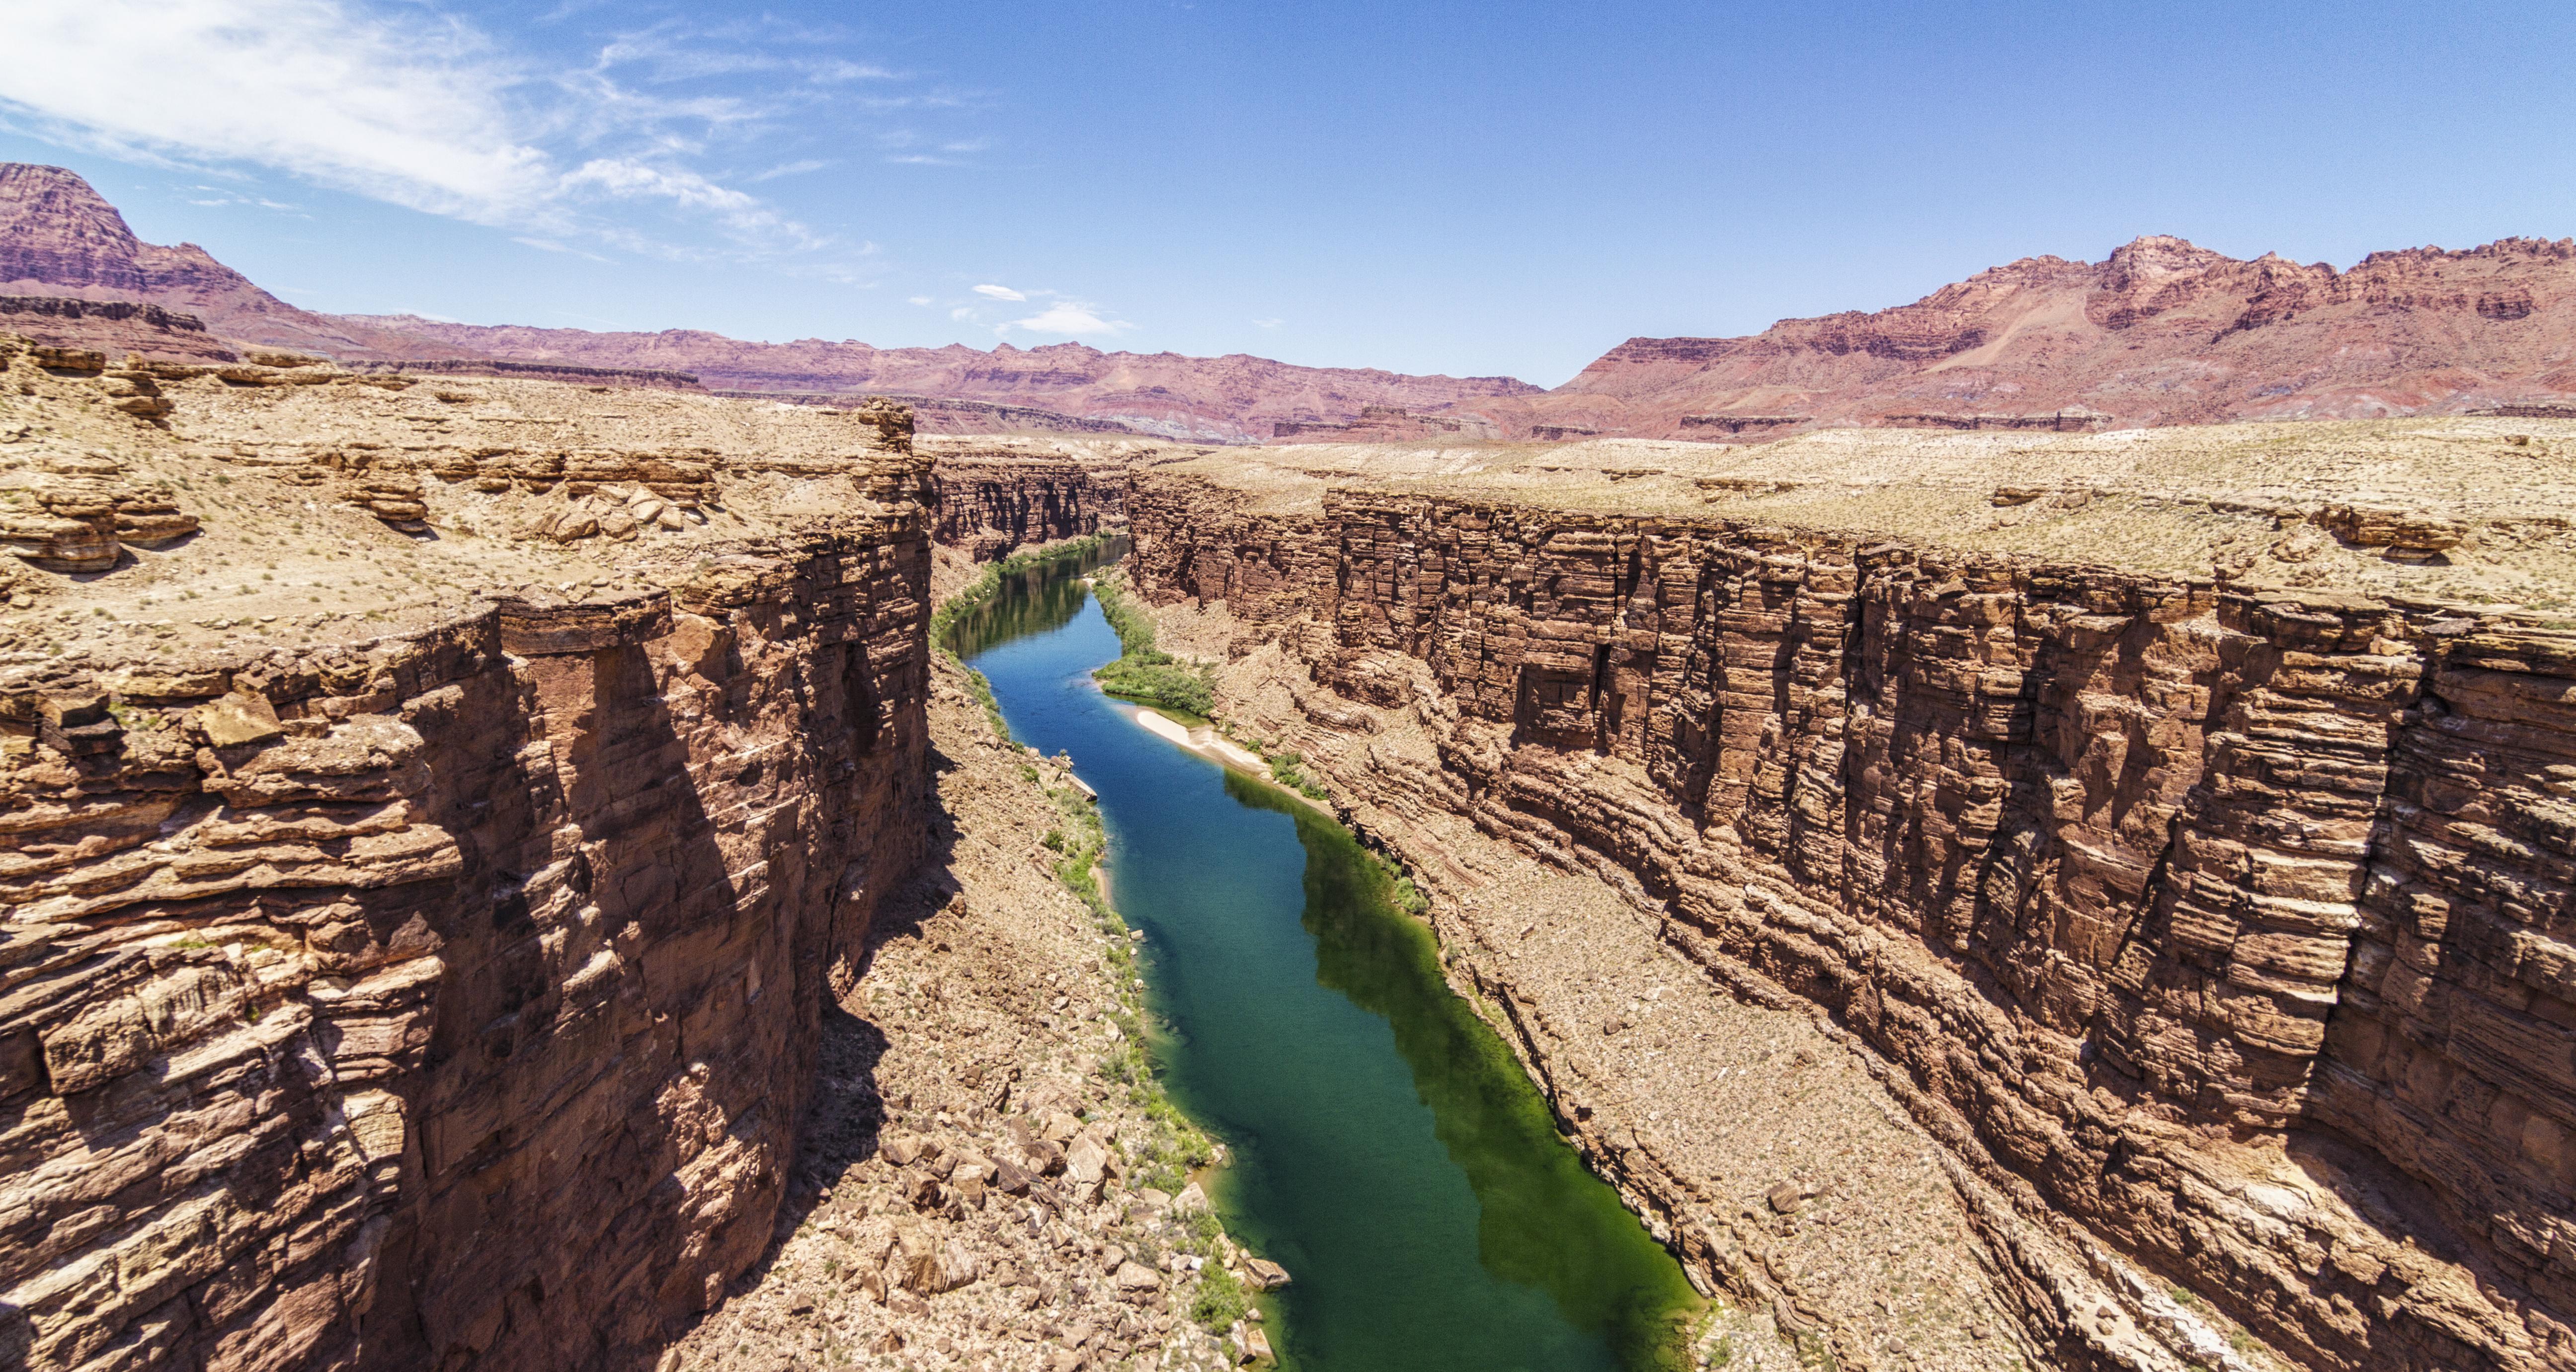 Overlooking Colorado River